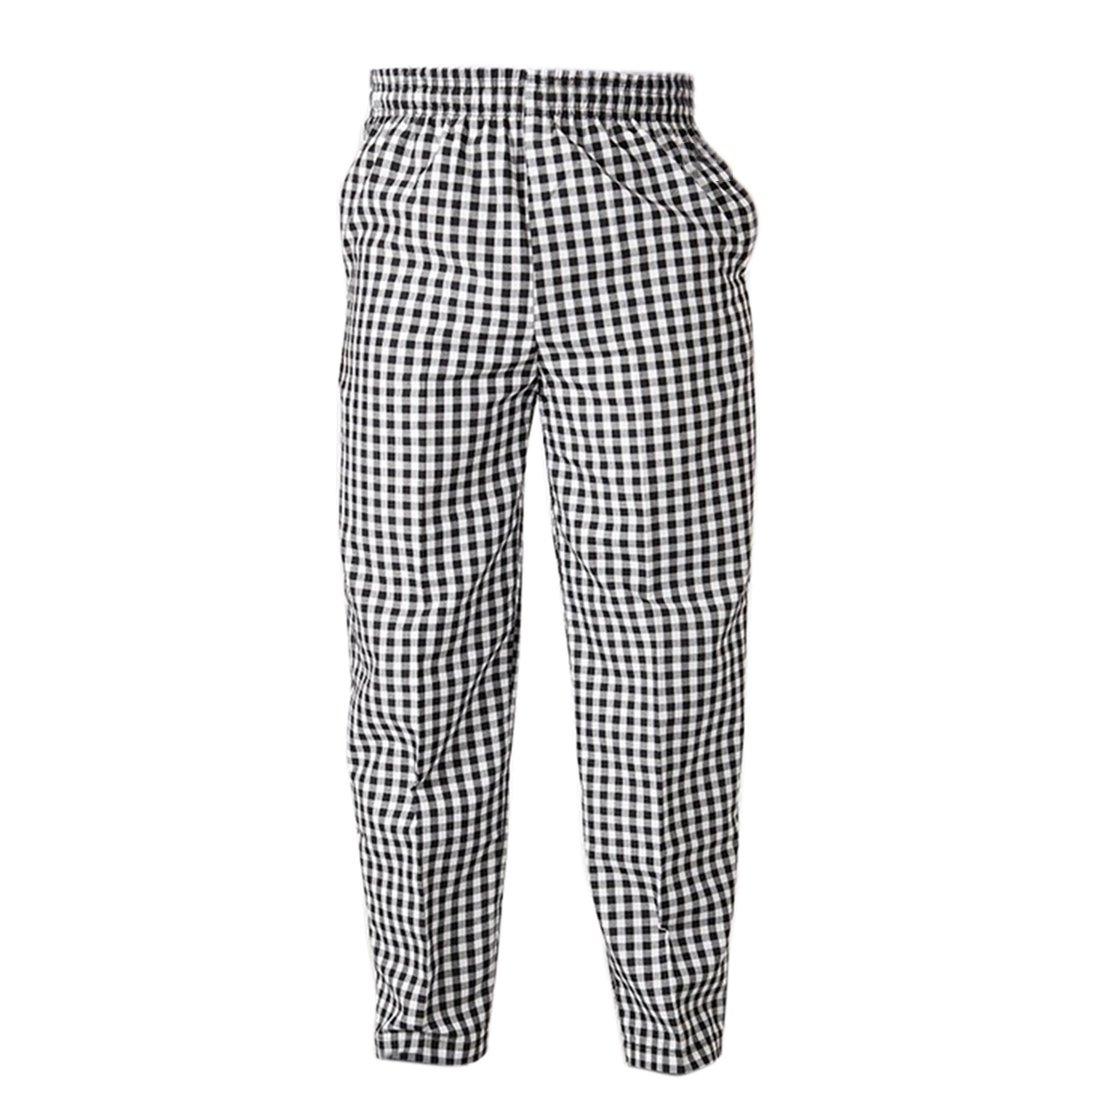 Freahap Baggy Chef Pants Elastic Waist Chef Works Black white plaid Asian M